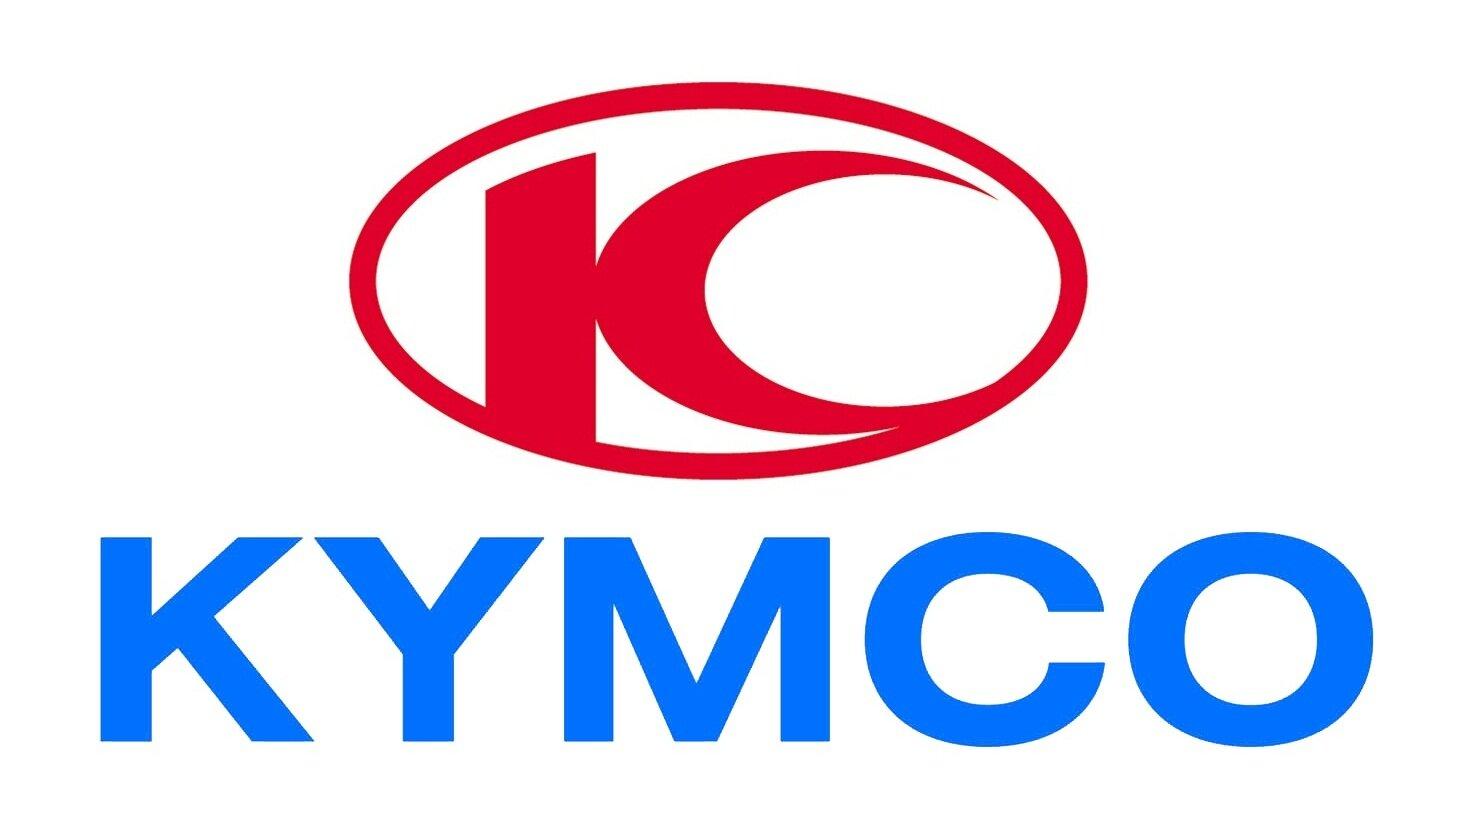 Bảng giá xe máy Kymco mới nhất hiện nay tháng 10/2017